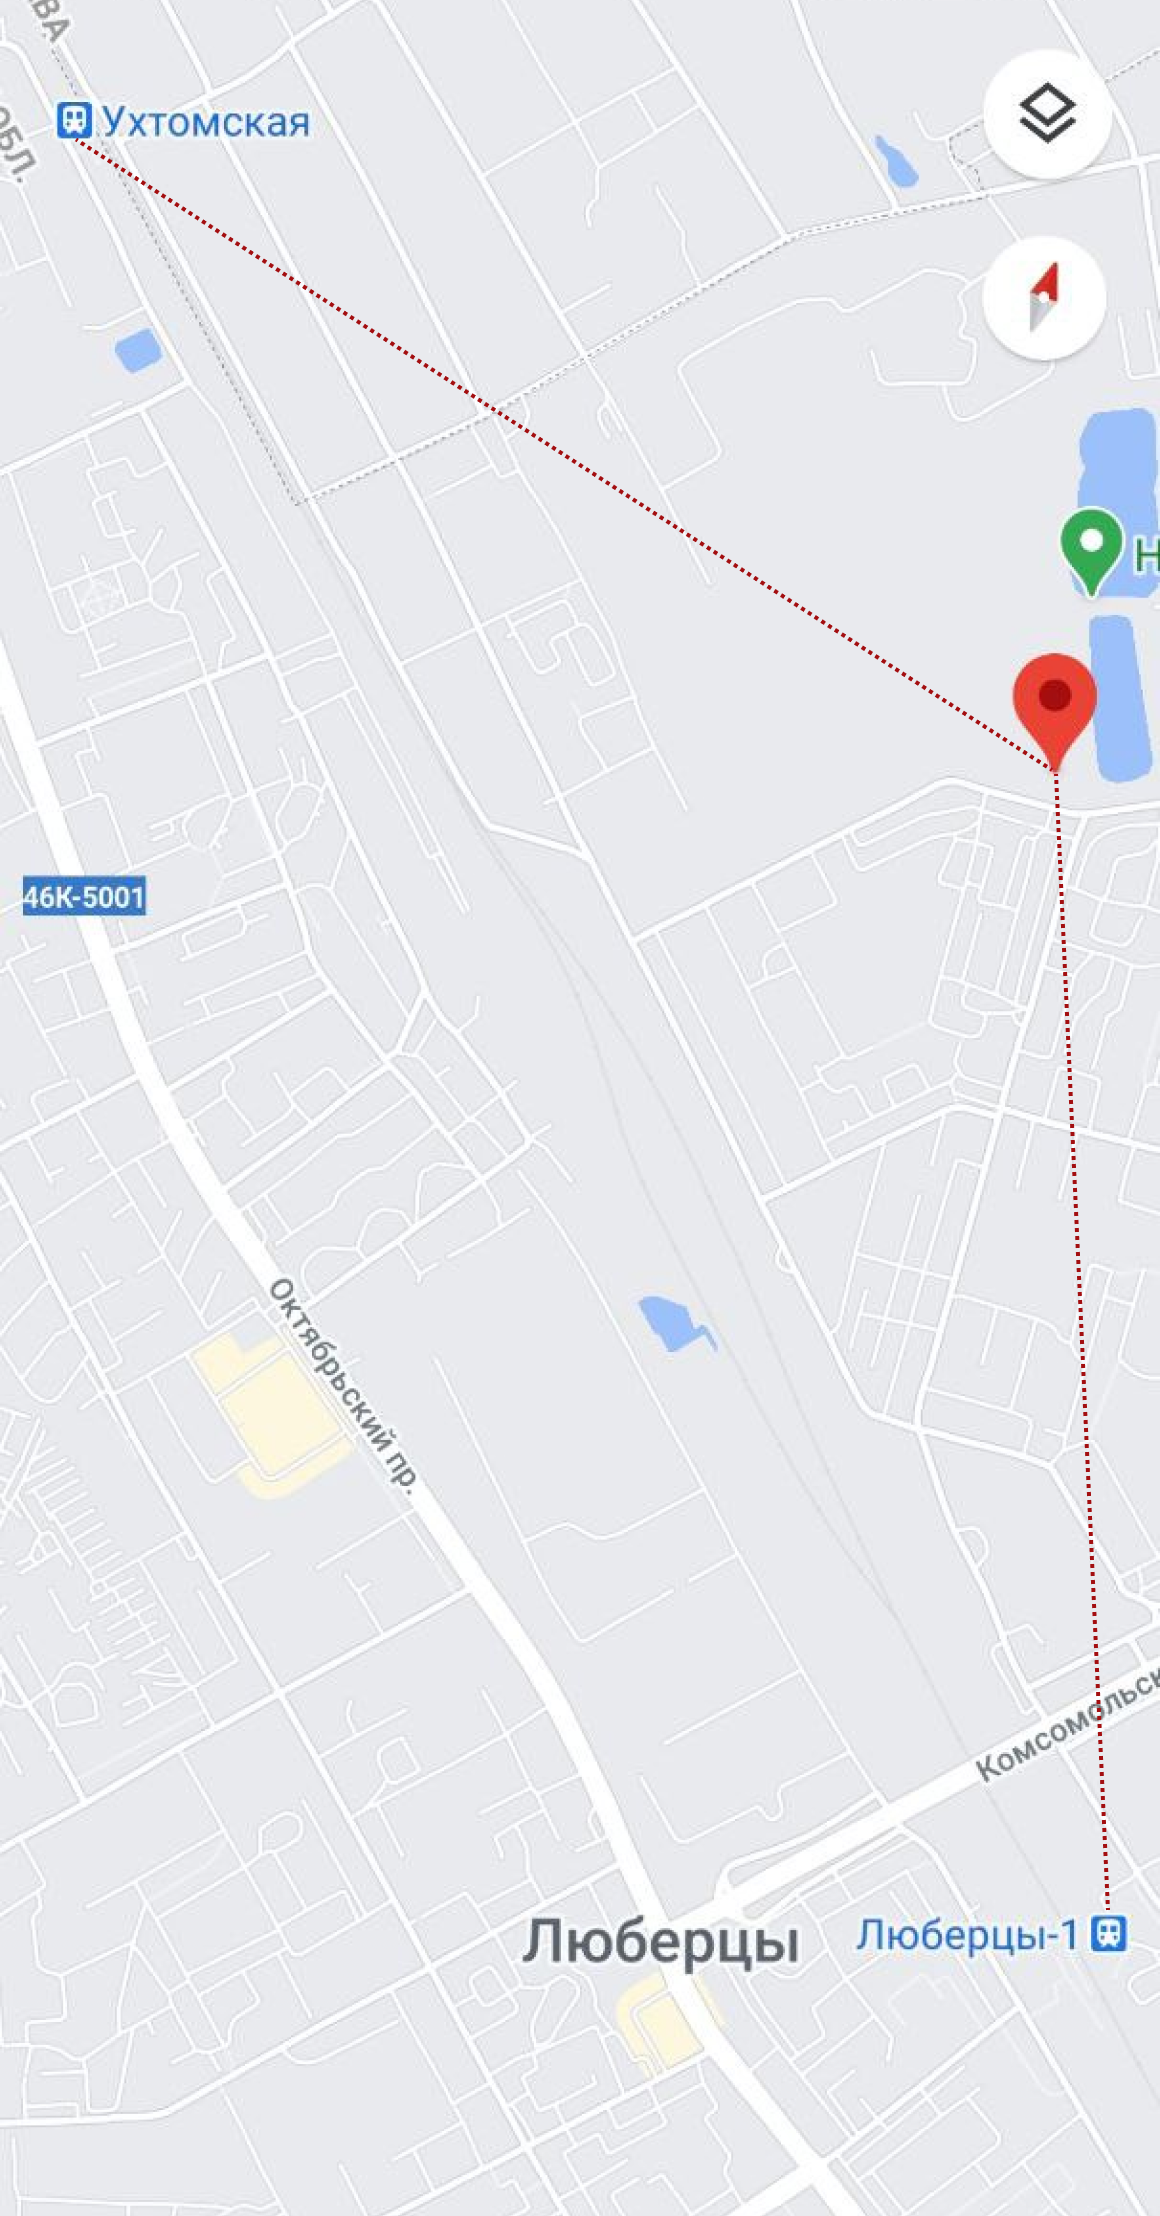 От моего дома до Ухтомской и Люберец-1 одинаковое расстояние. Но Ухтомская ближе к Москве, поэтому мой муж ходит до нее